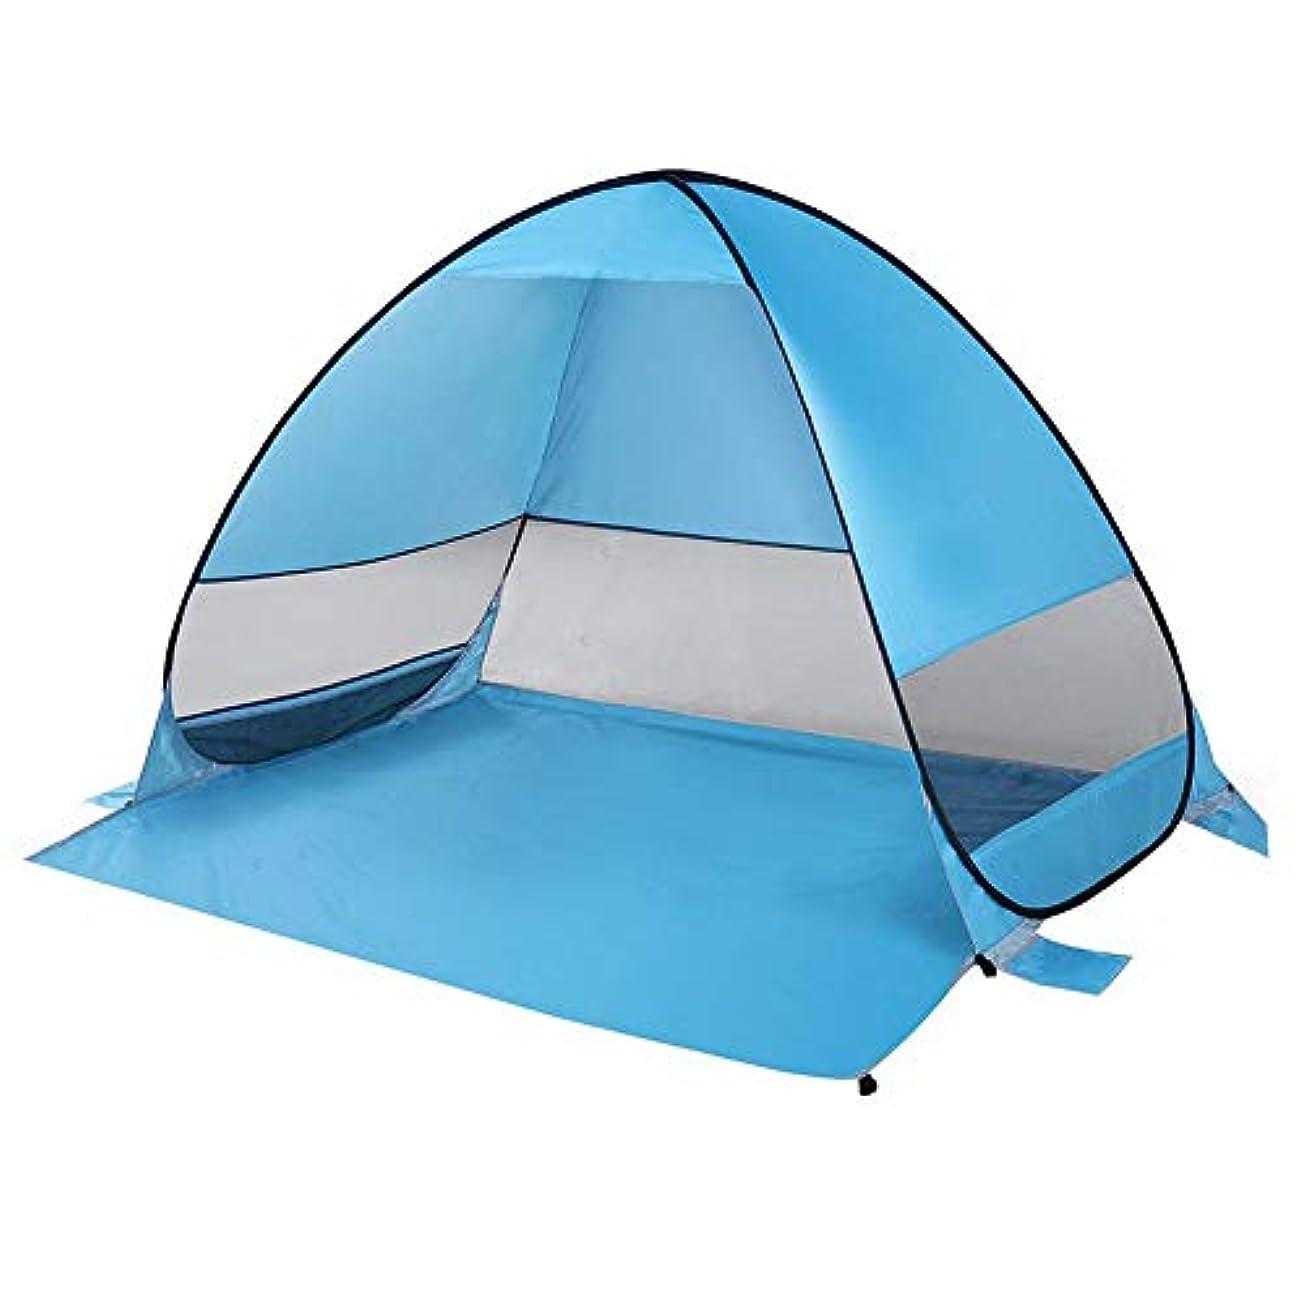 曲繁栄排泄するビーチテント アウトドアキャンプポップアップ式サンバイザー住所 紫外線対策ビーチハウス 2-3人